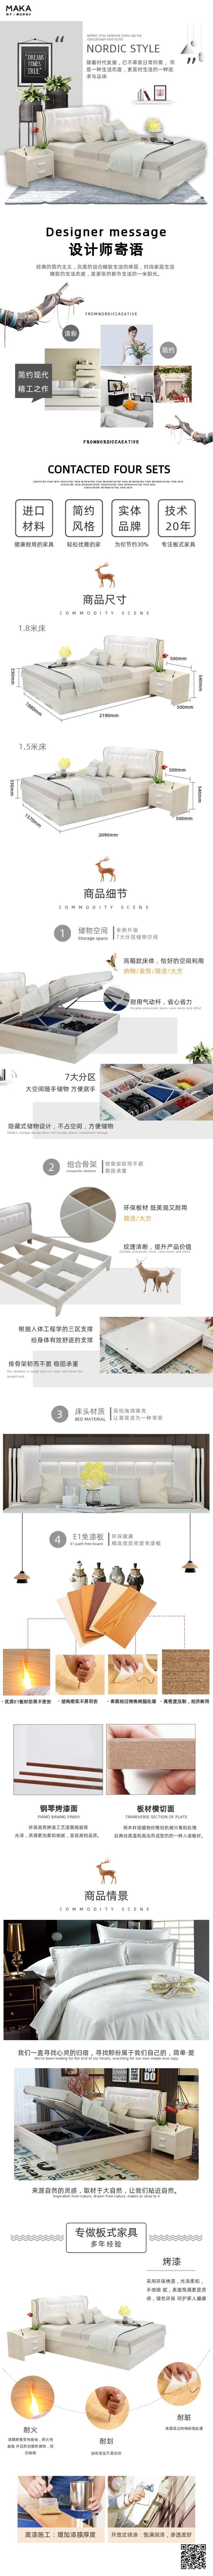 白色简约北欧风格家装床具电商淘宝详情模版